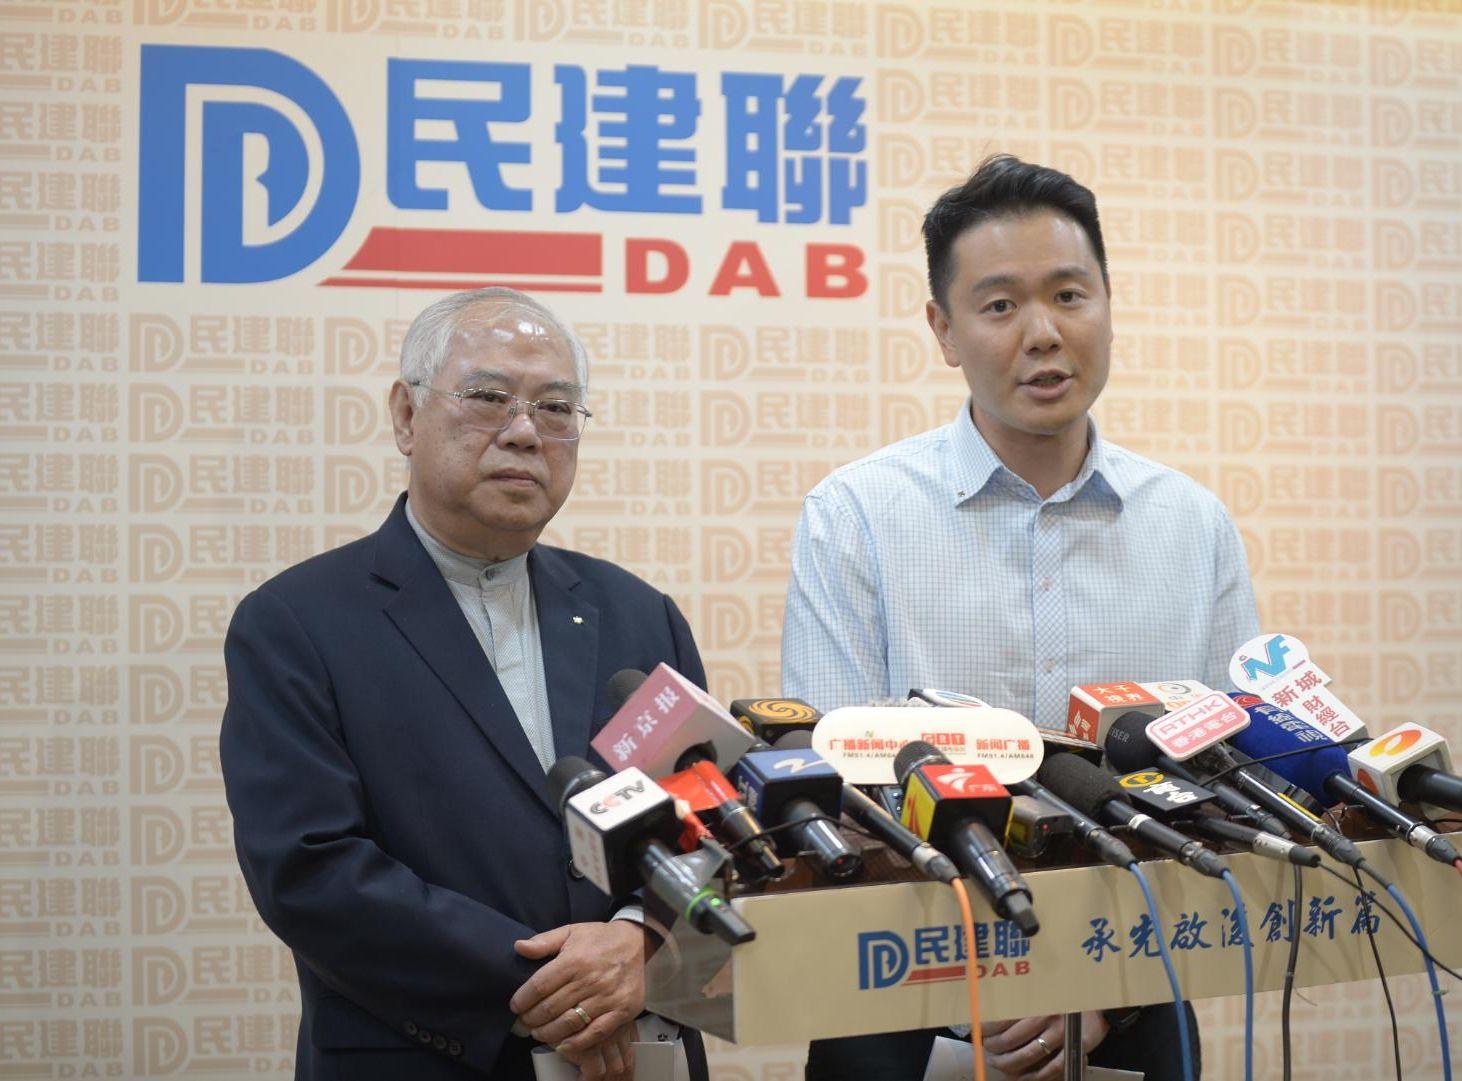 周浩鼎(右)形容,陳茂波對建議態度正面。